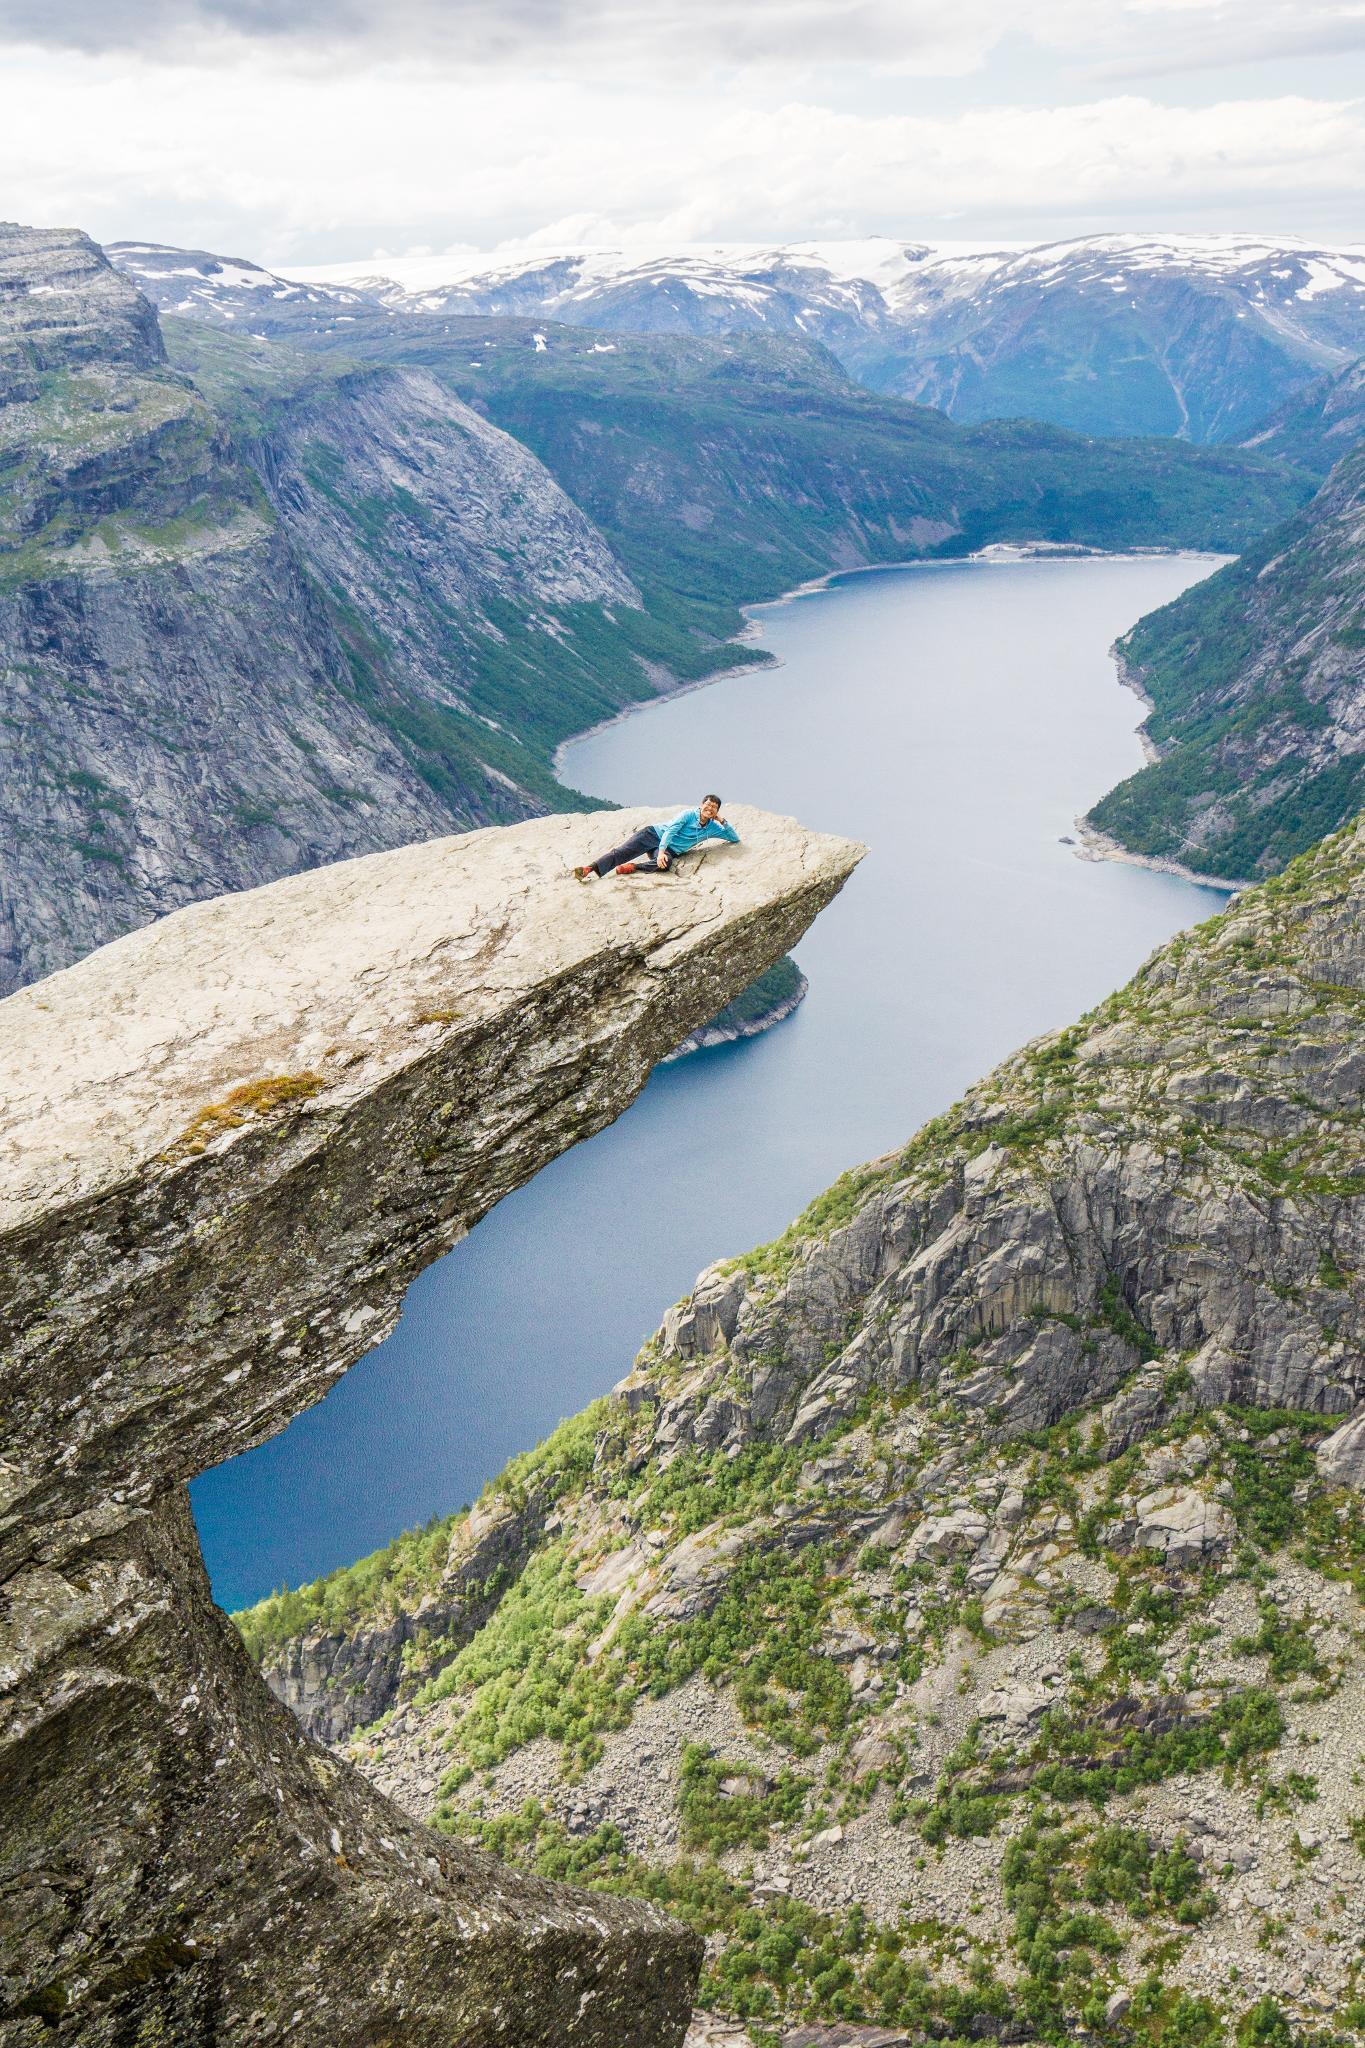 【北歐景點】挪威惡魔之舌 Trolltunga — 28公里健行挑戰全攻略 234